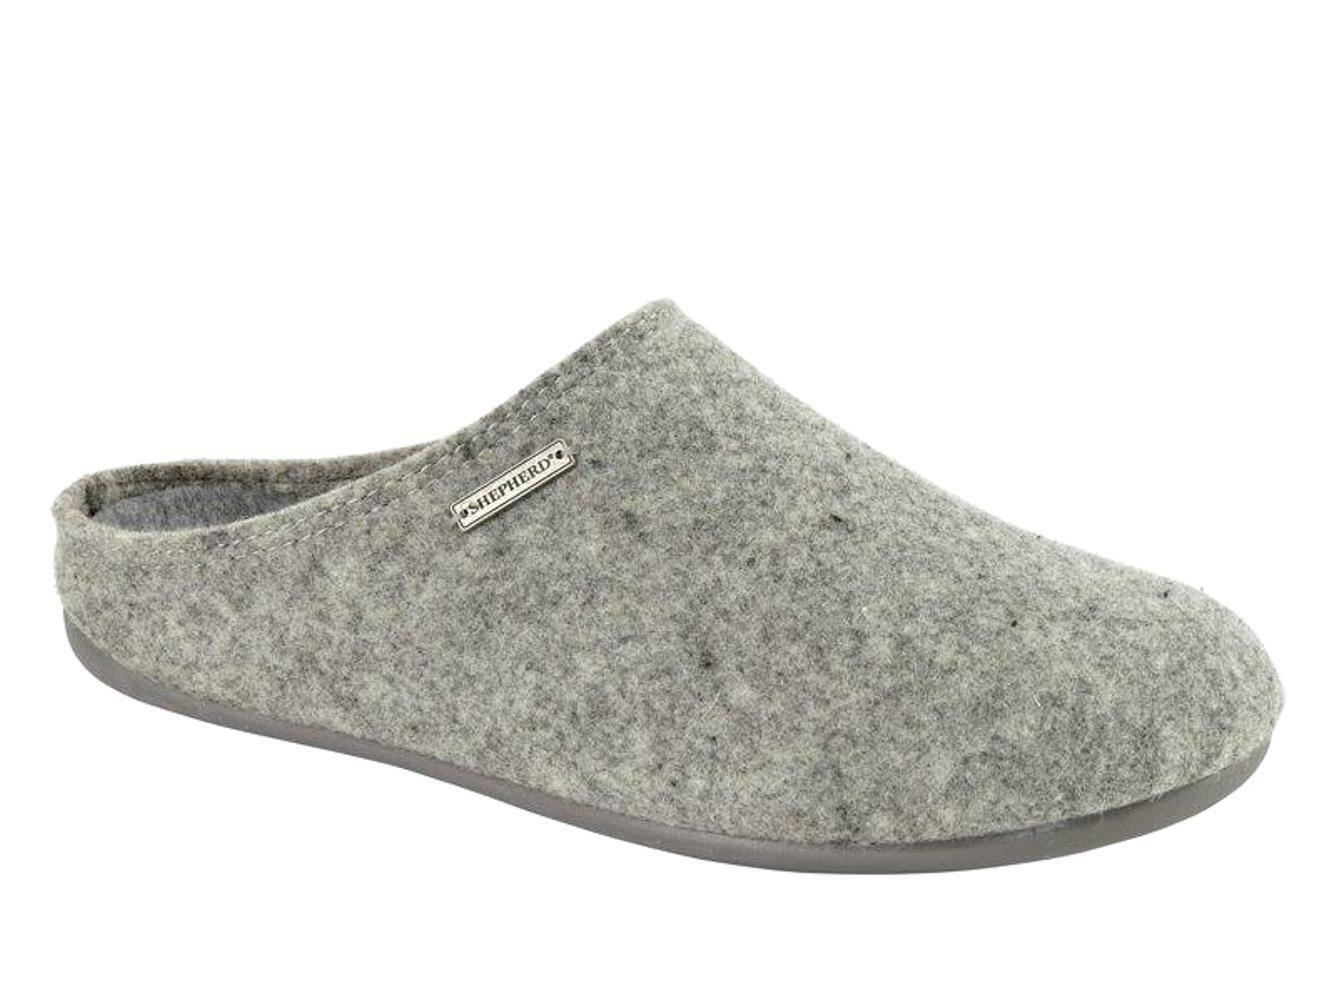 Shepherd Gr. 34/8554 Jon Hausschuhe Pantoffeln Fußbett grau Wolle Gr. Shepherd 41 - 46 Neu c06fbc